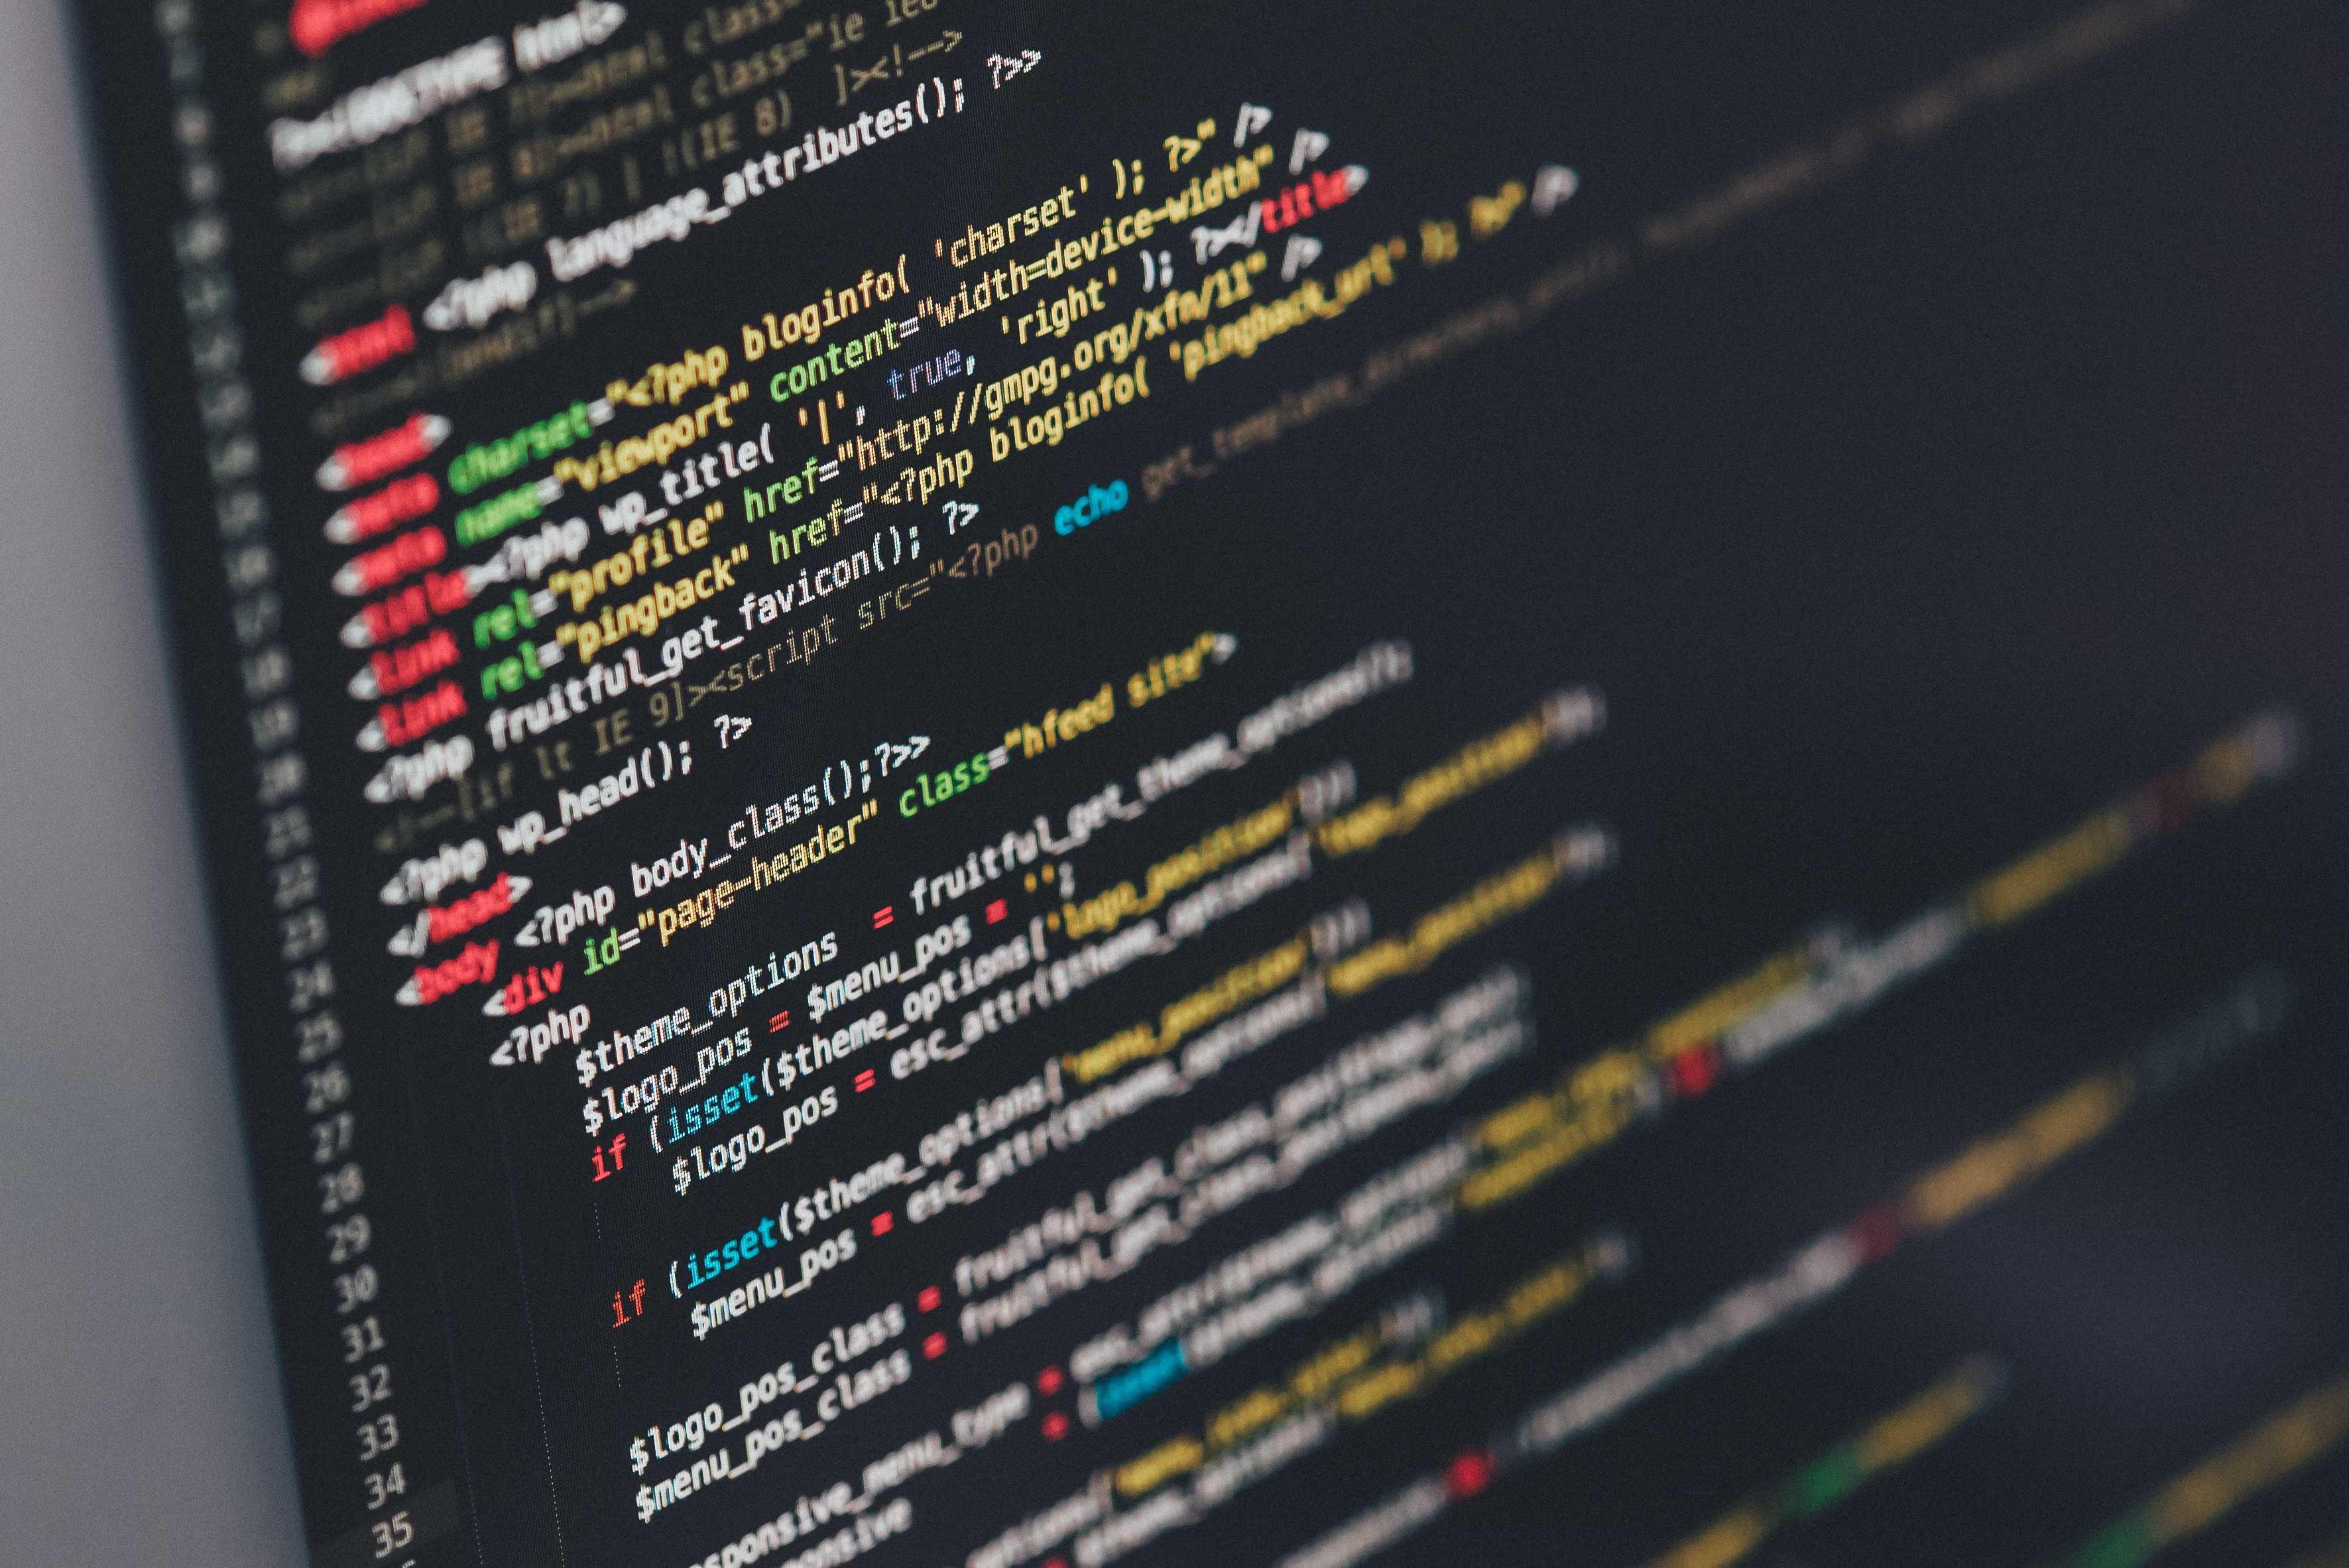 Référencement Google : la structure des URL est-elle prise en compte dans le classement des contenus ?